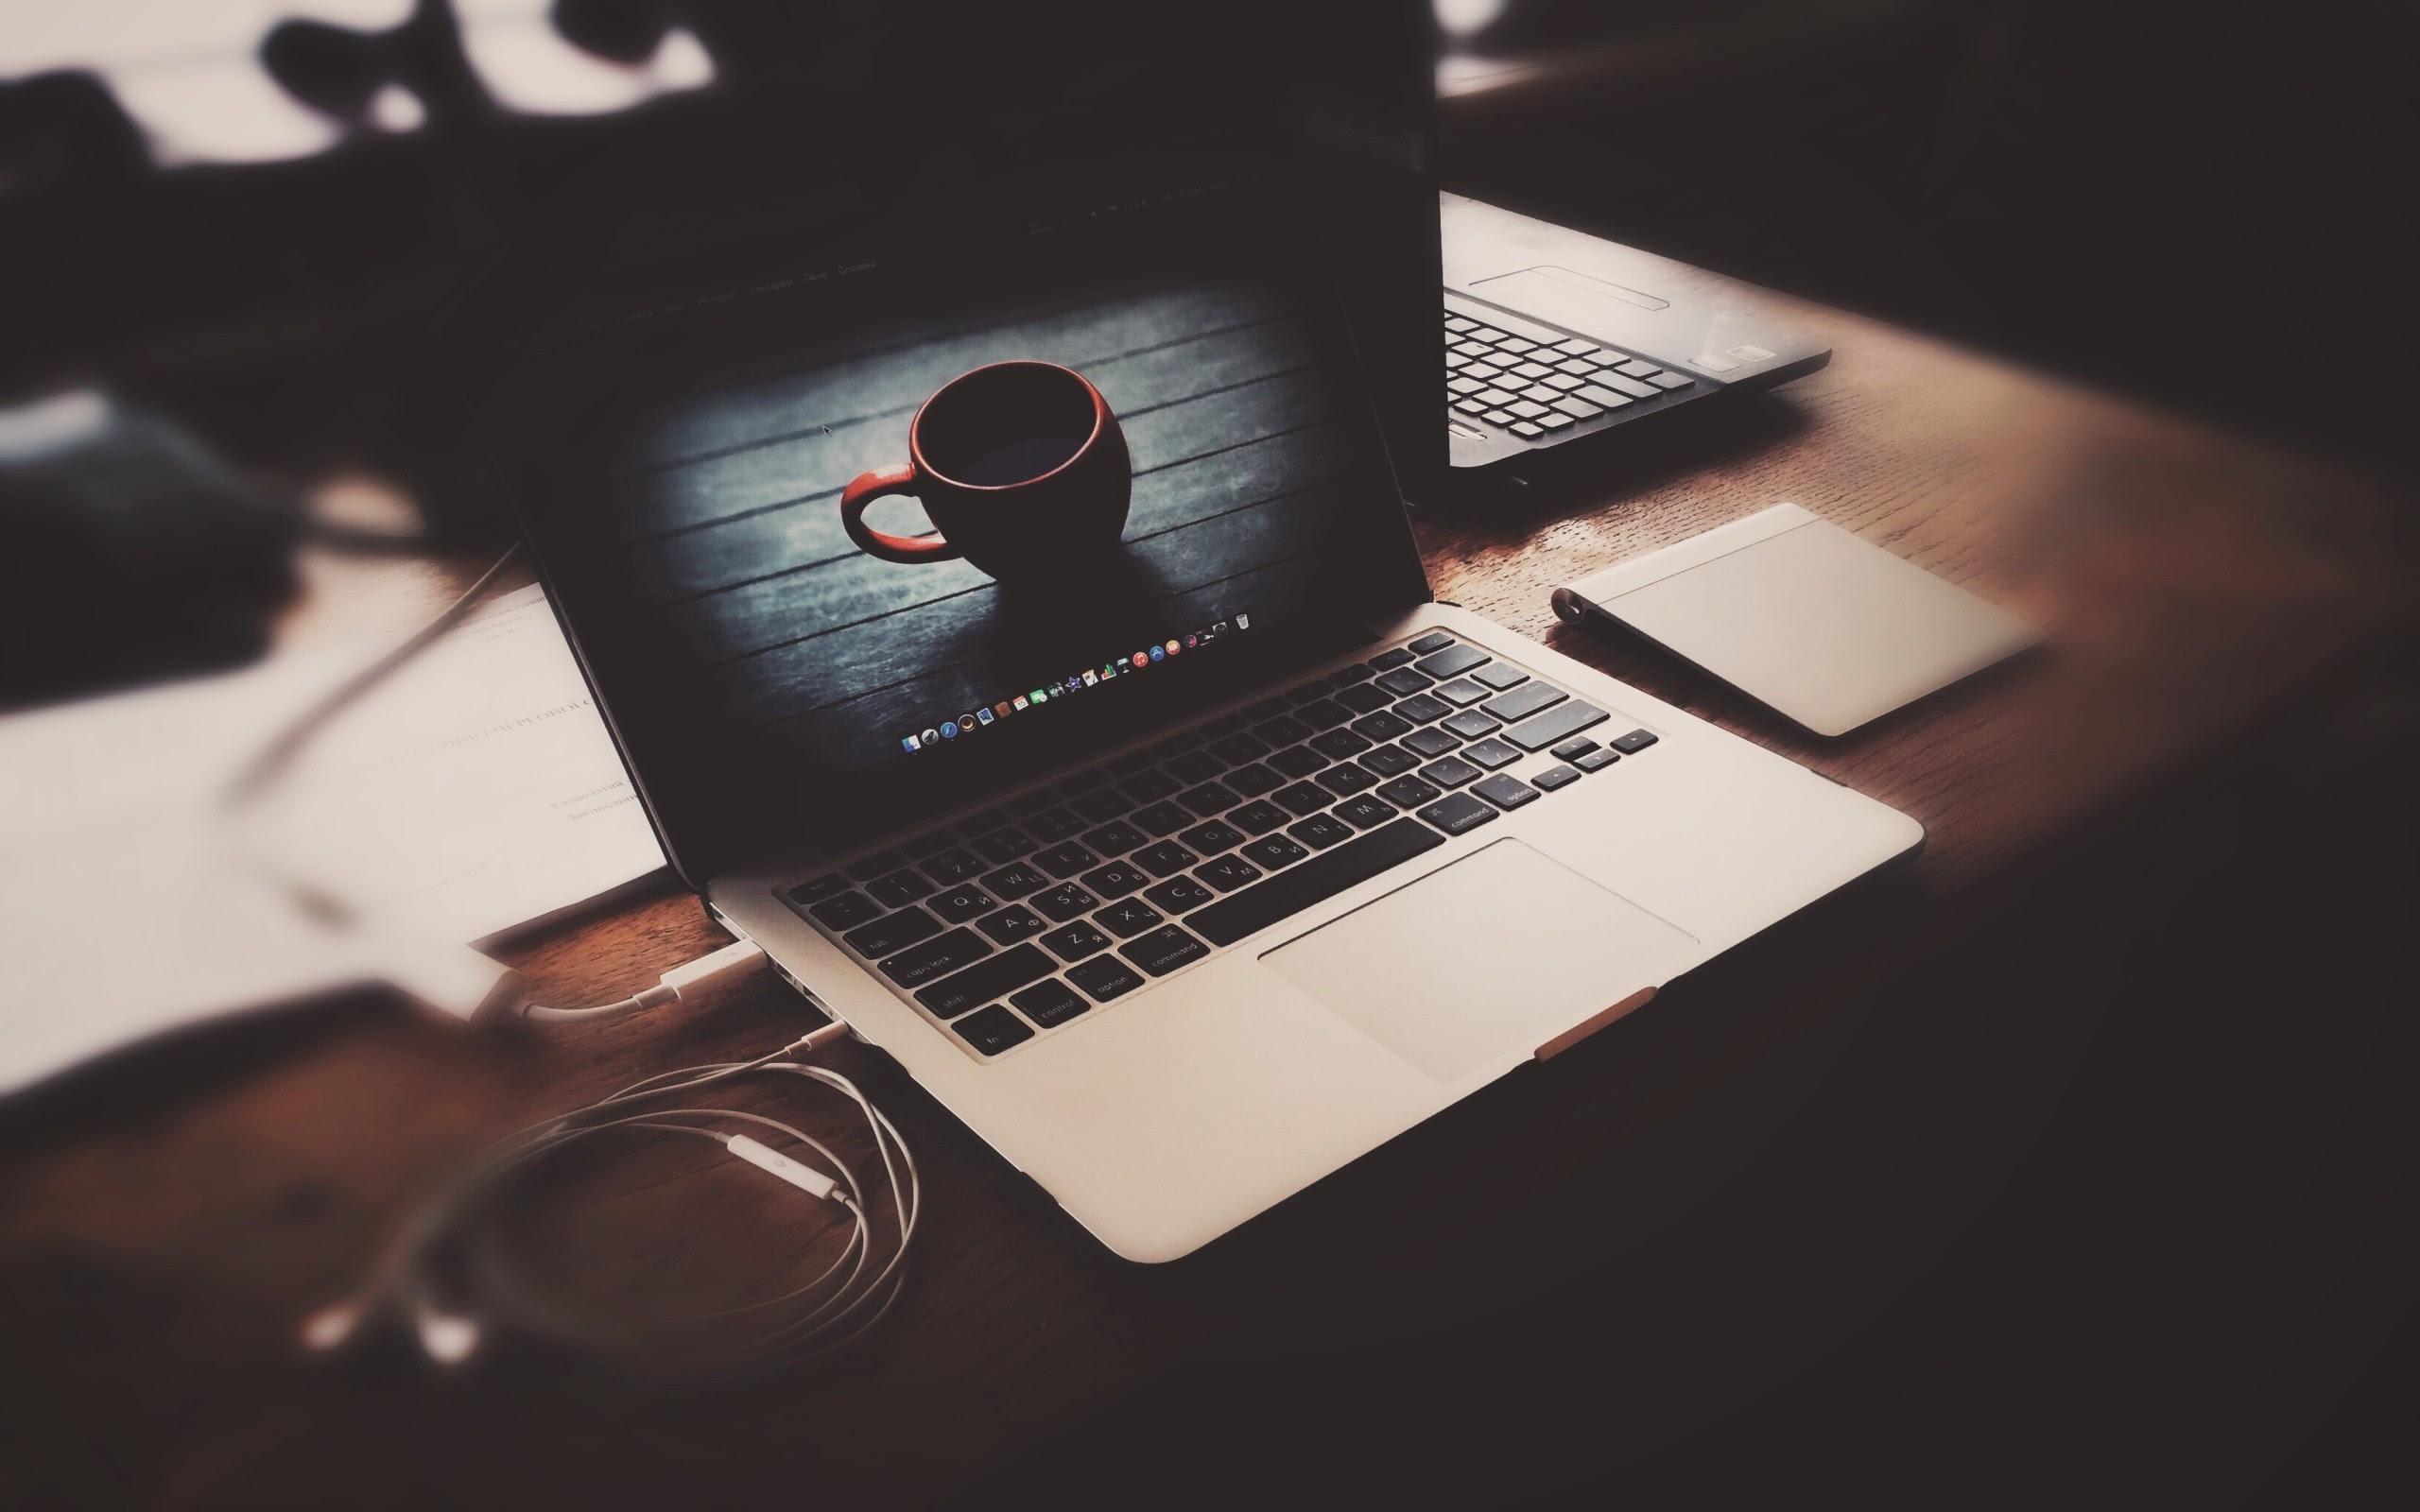 Unduh 9800 Background Hd Untuk Laptop Gratis Terbaru